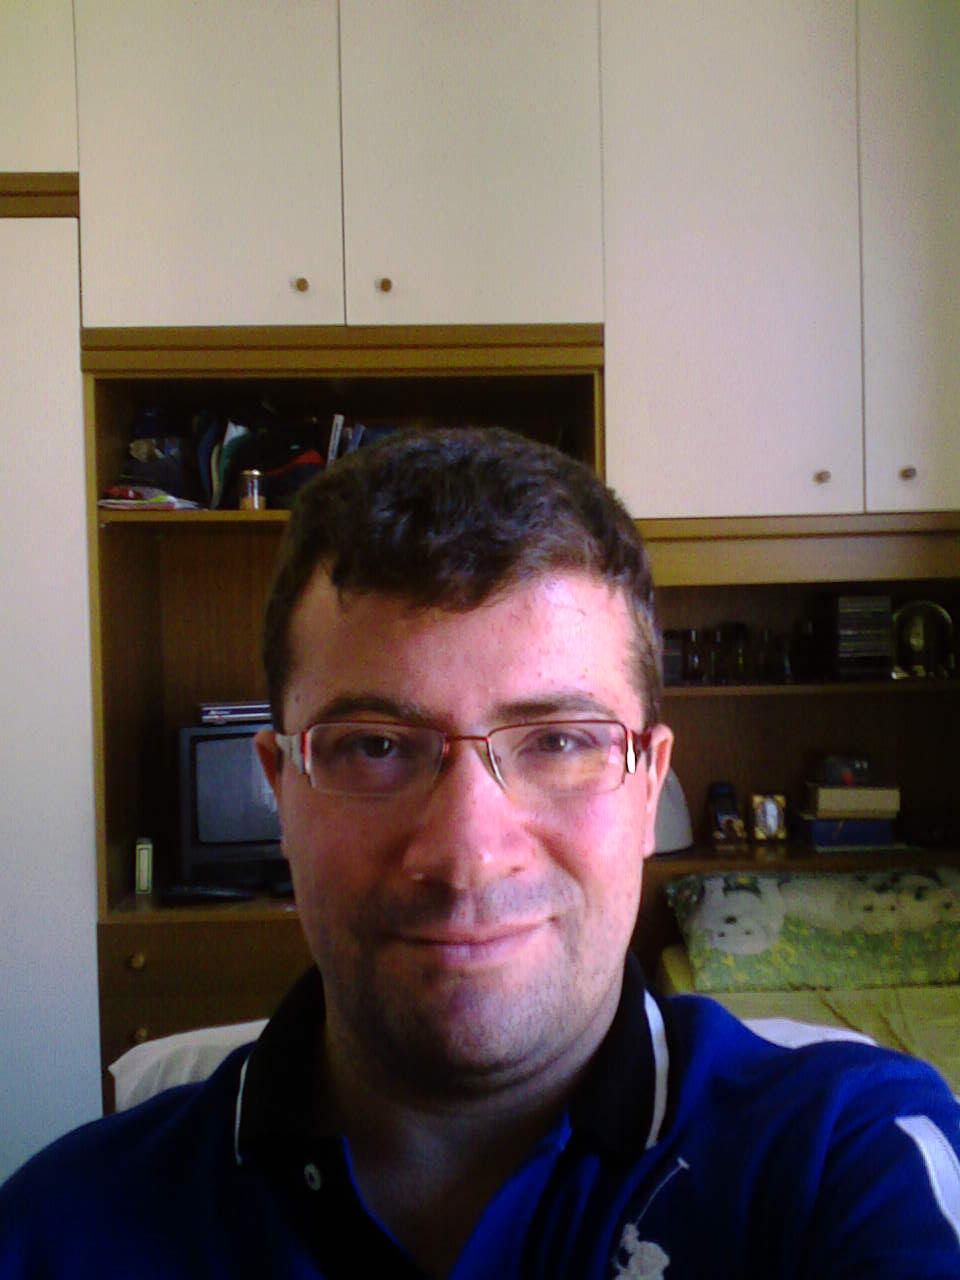 Marco Chinicò